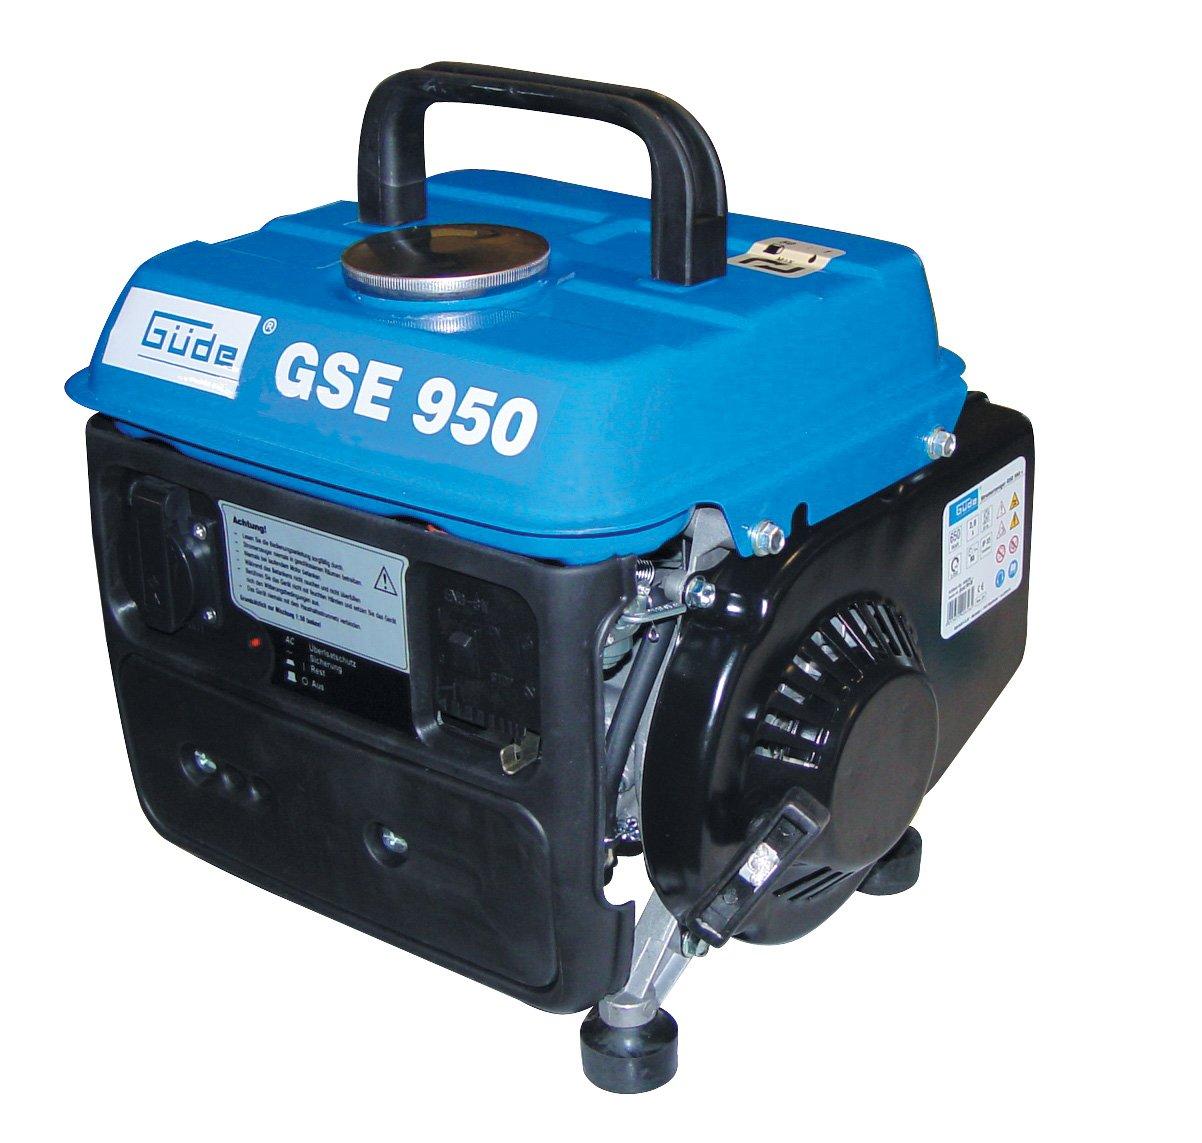 Güde 40626 Stromerzeuger GSE 950, 650/750 Watt 1 Zylinder/2TaktMotor 0,8kW/1 PS  BaumarktKundenbewertung und Beschreibung